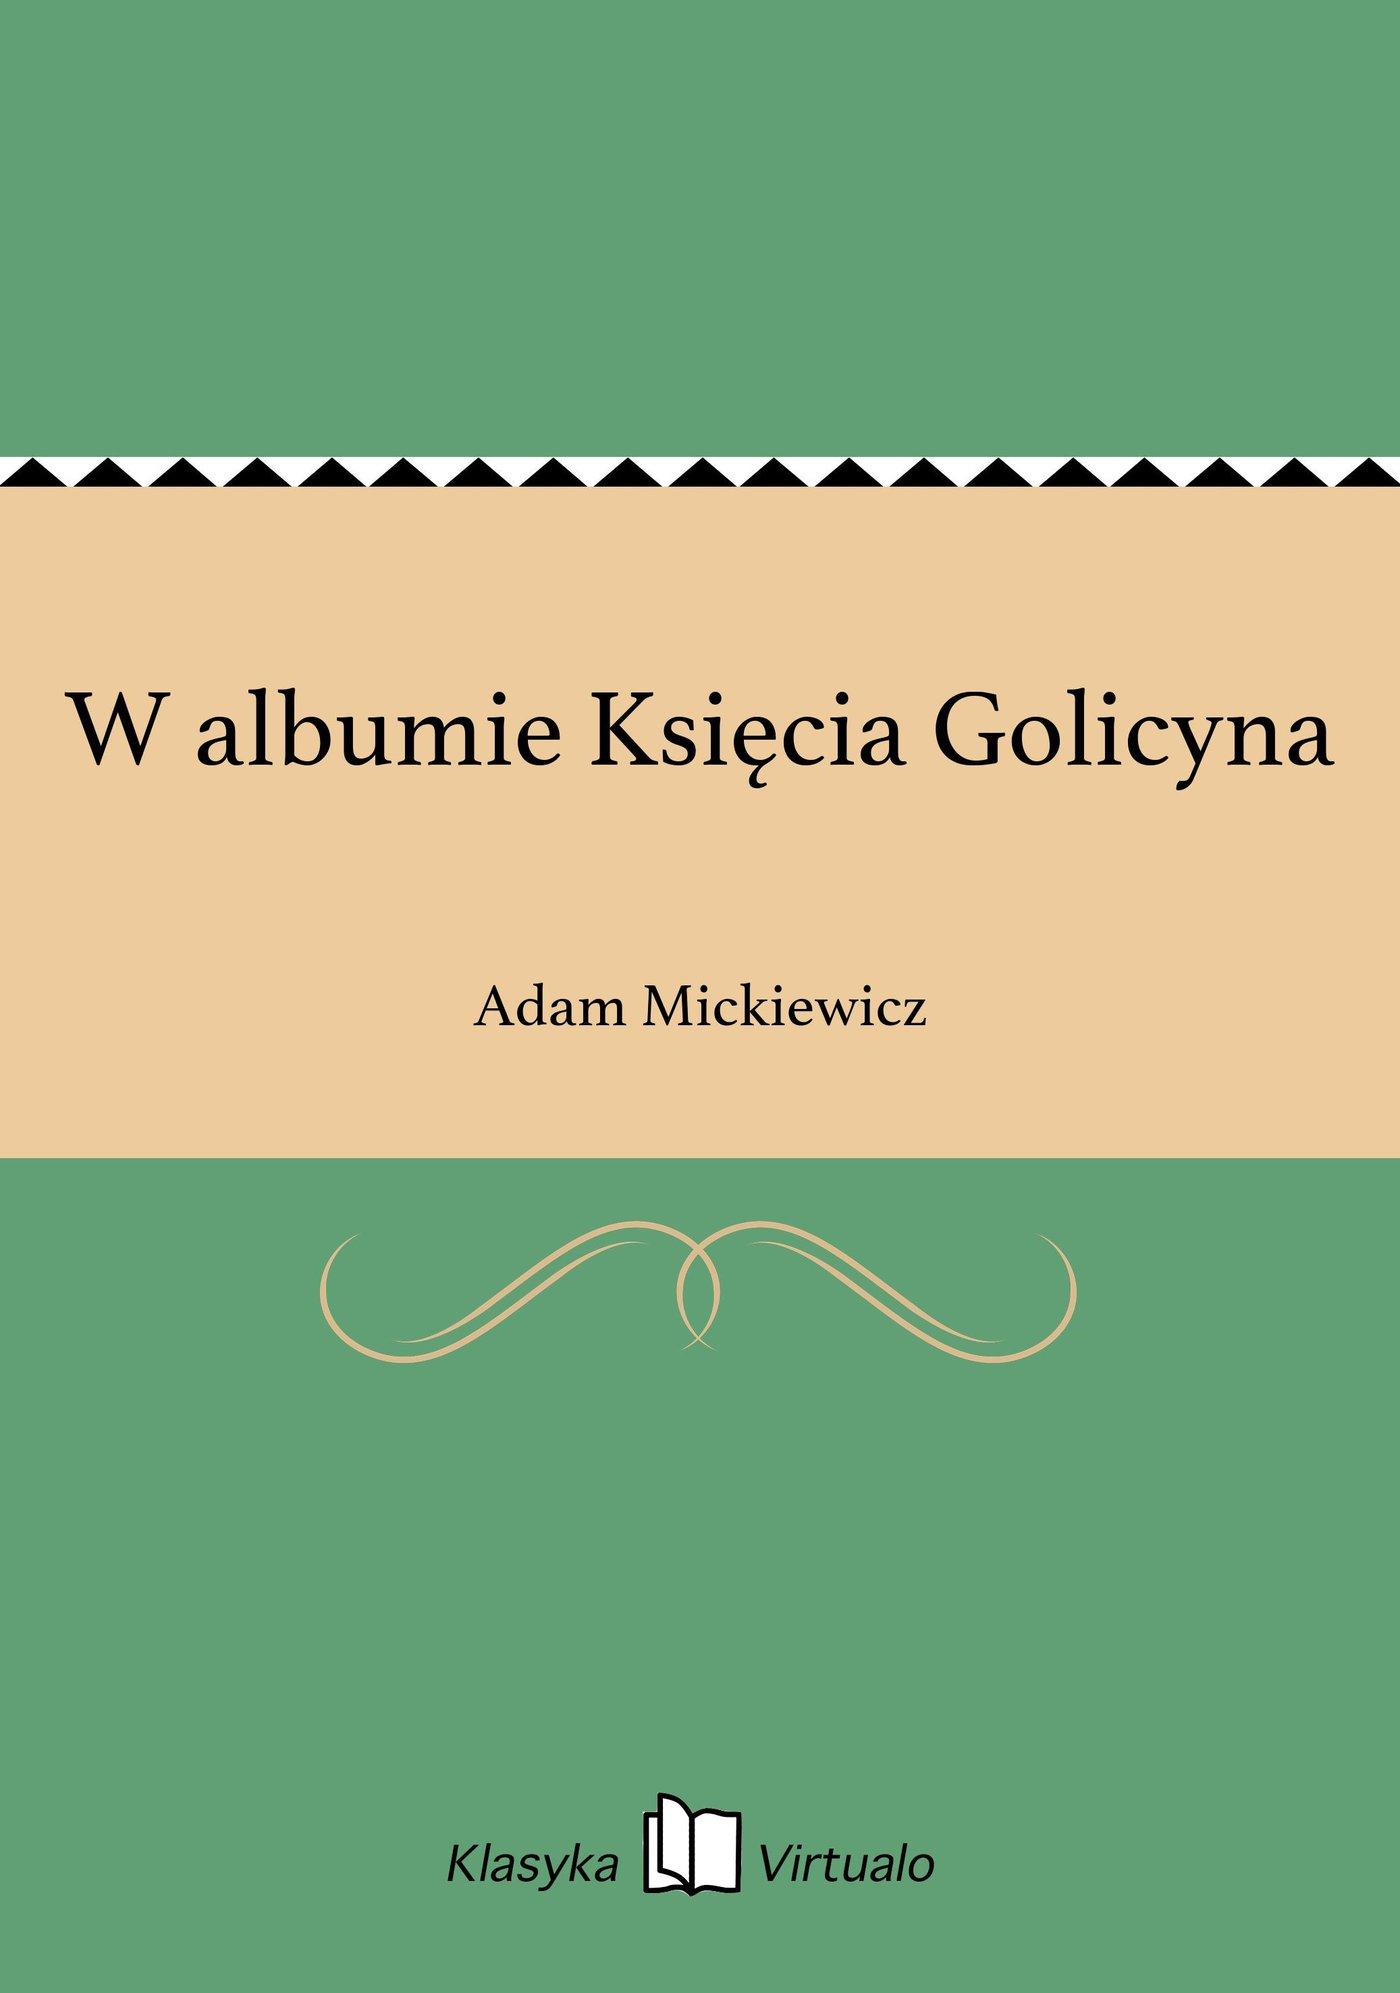 W albumie Księcia Golicyna - Ebook (Książka EPUB) do pobrania w formacie EPUB